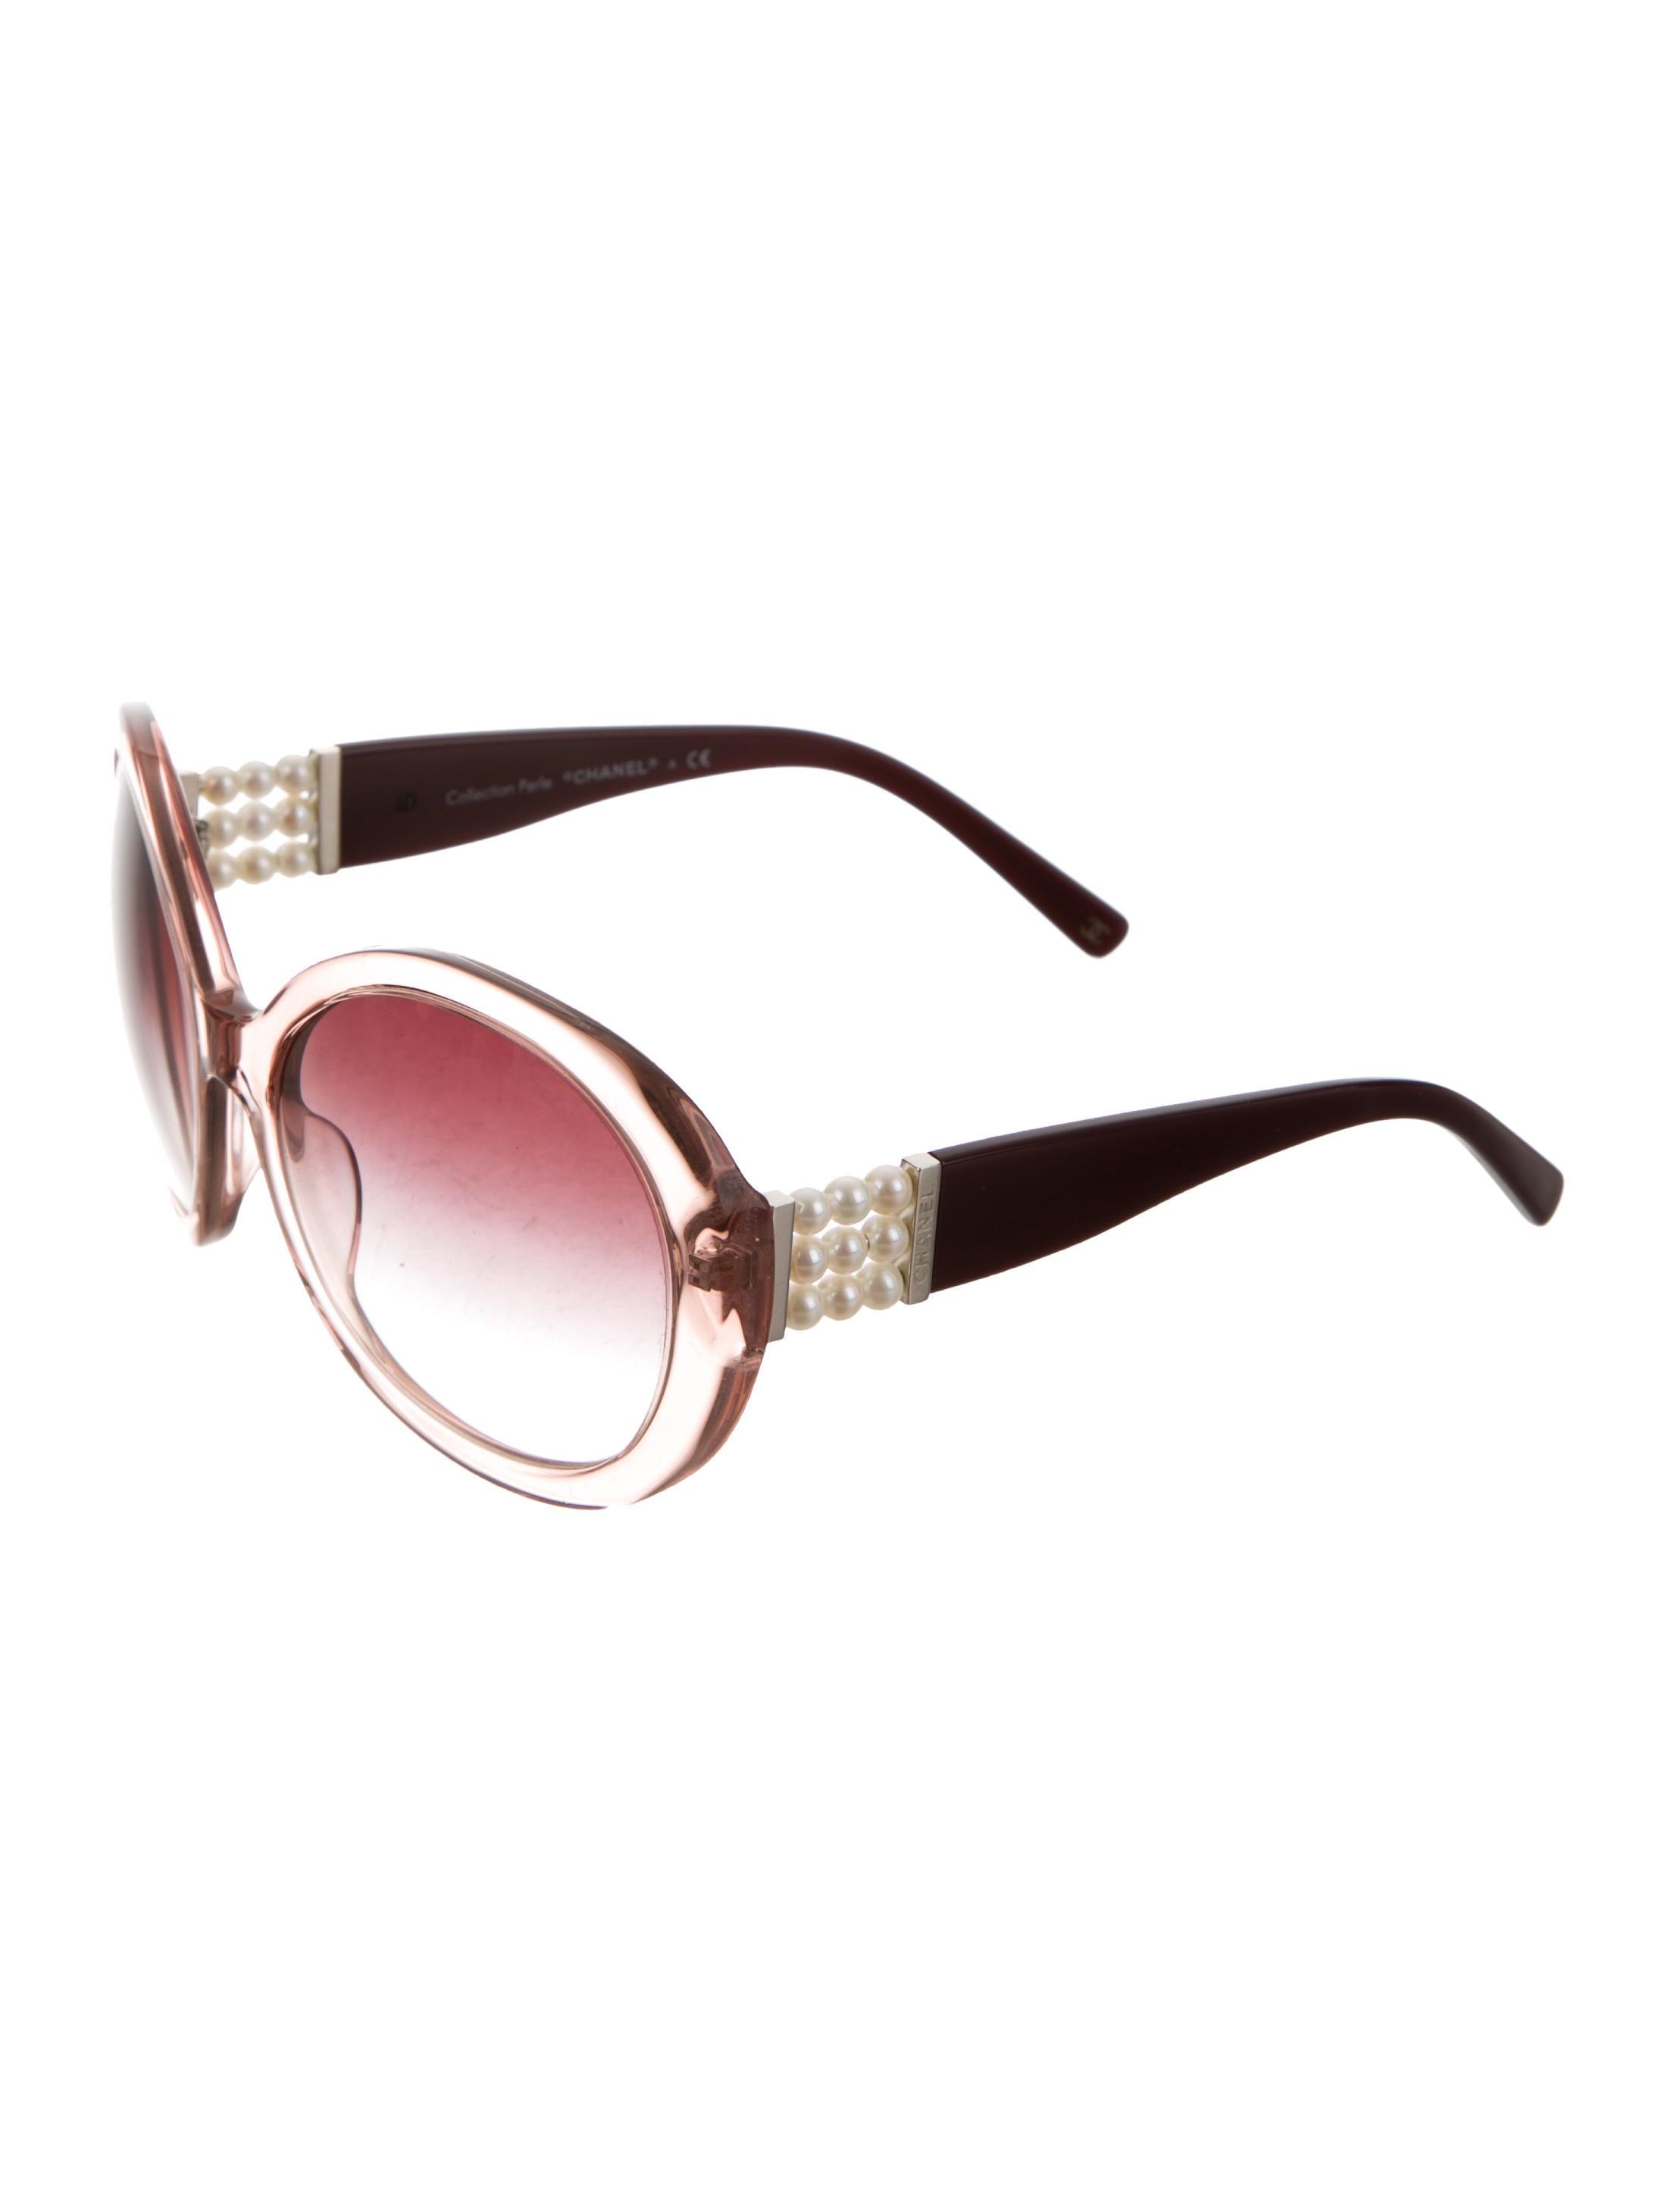 39e61580295 Chanel Round Perle Sunglasses - Accessories - CHA215815